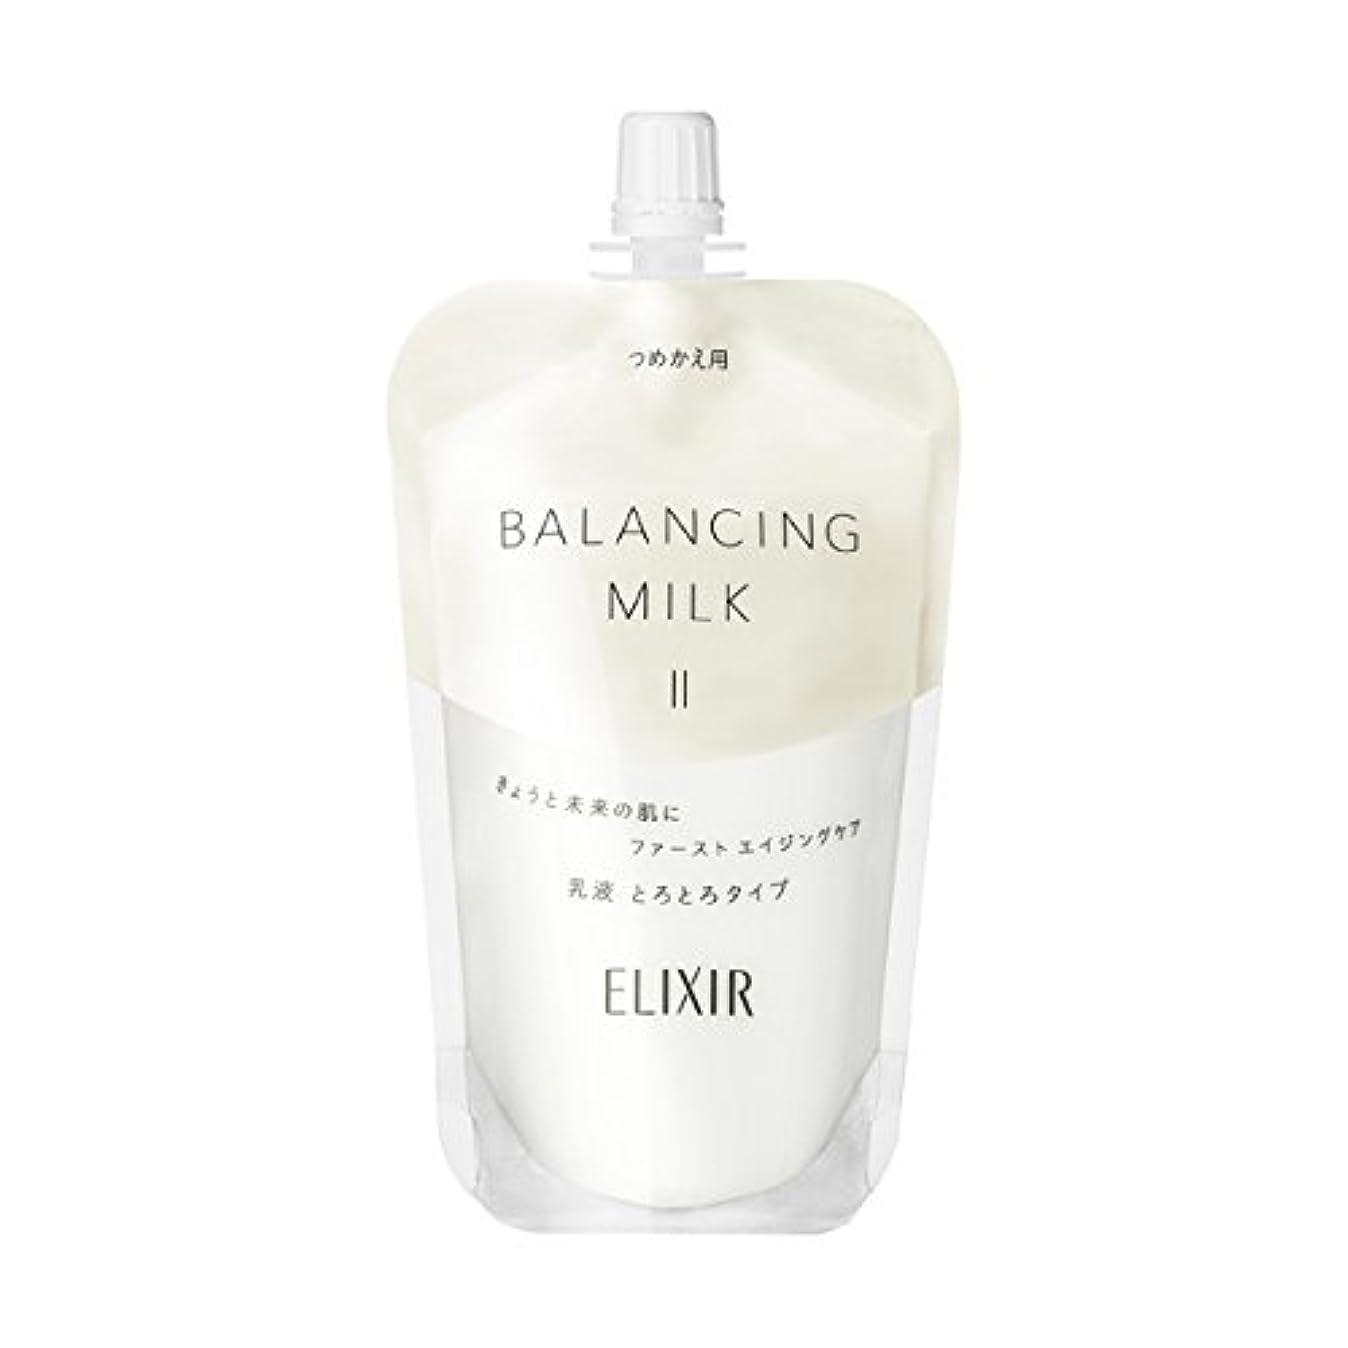 離婚政策契約エリクシール ルフレ バランシング ミルク 乳液 2 (とろとろタイプ) (つめかえ用) 110mL